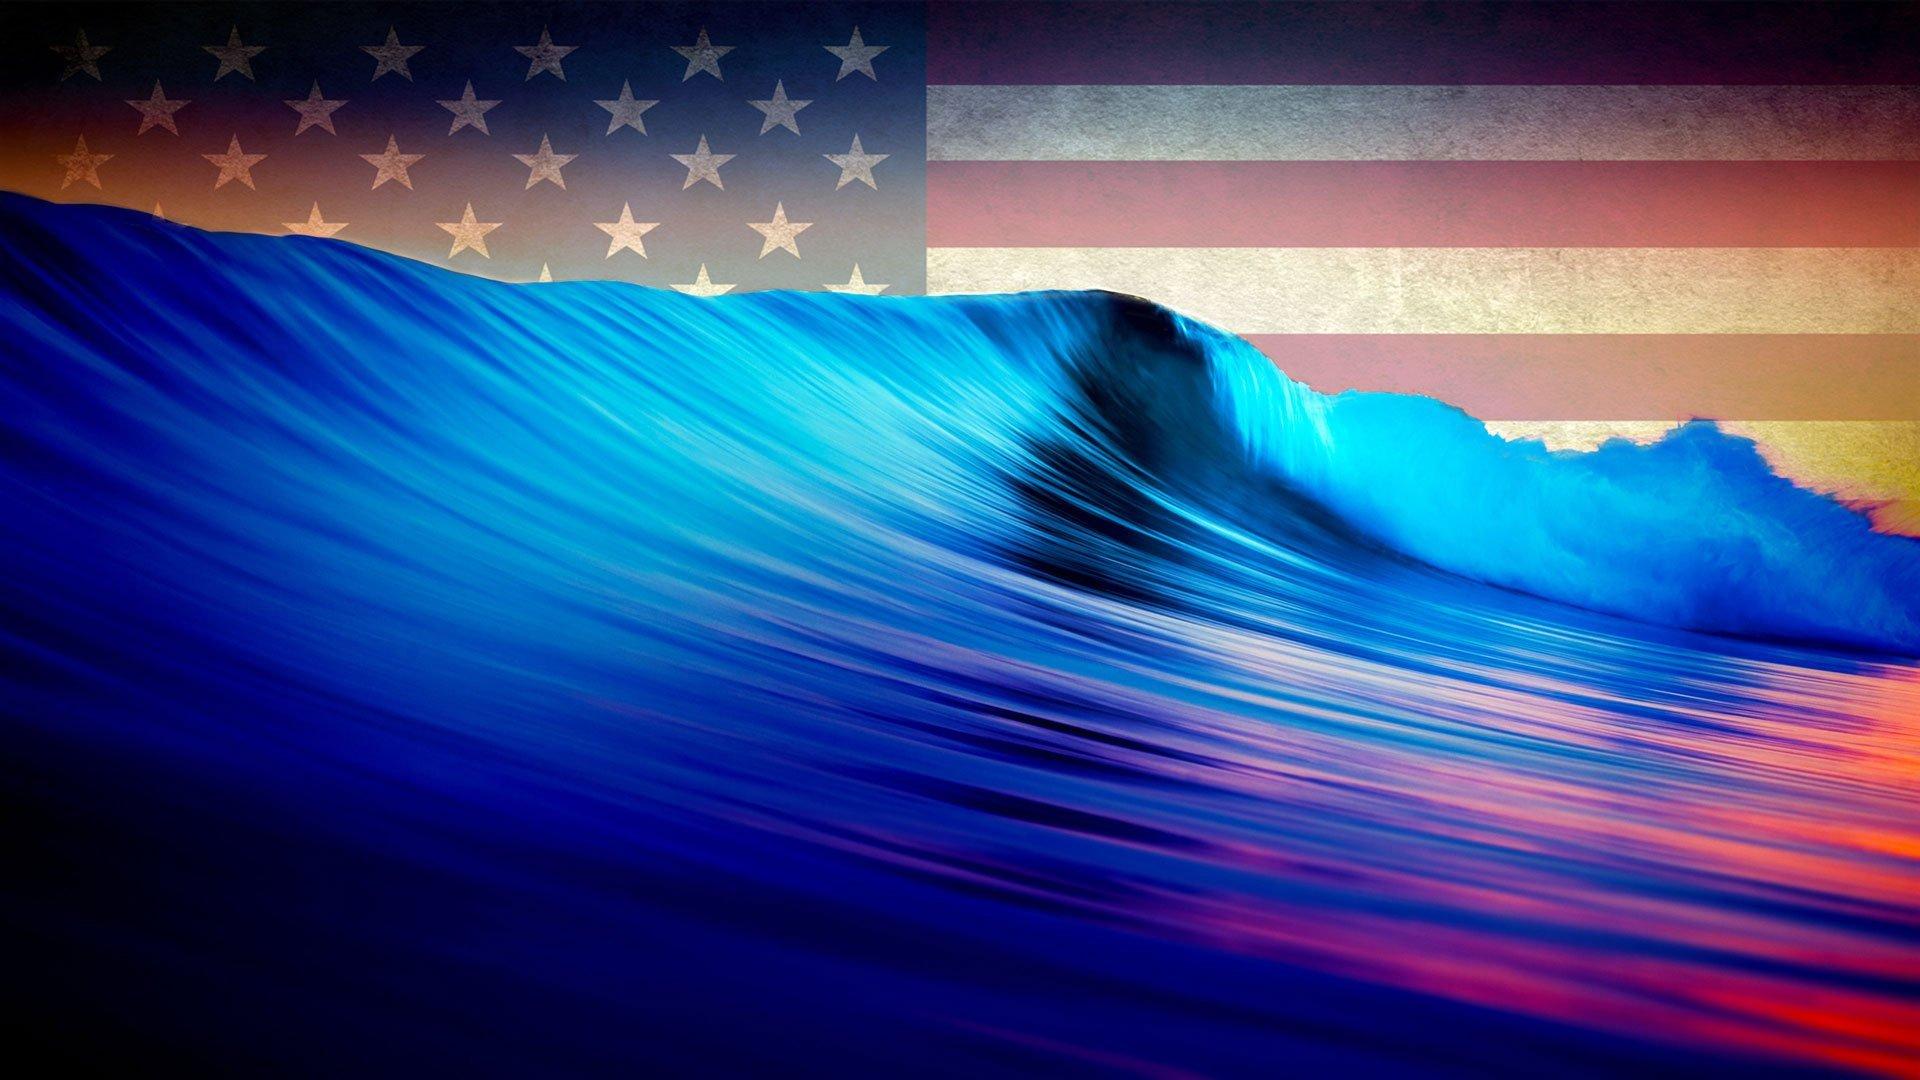 American-blue-waves